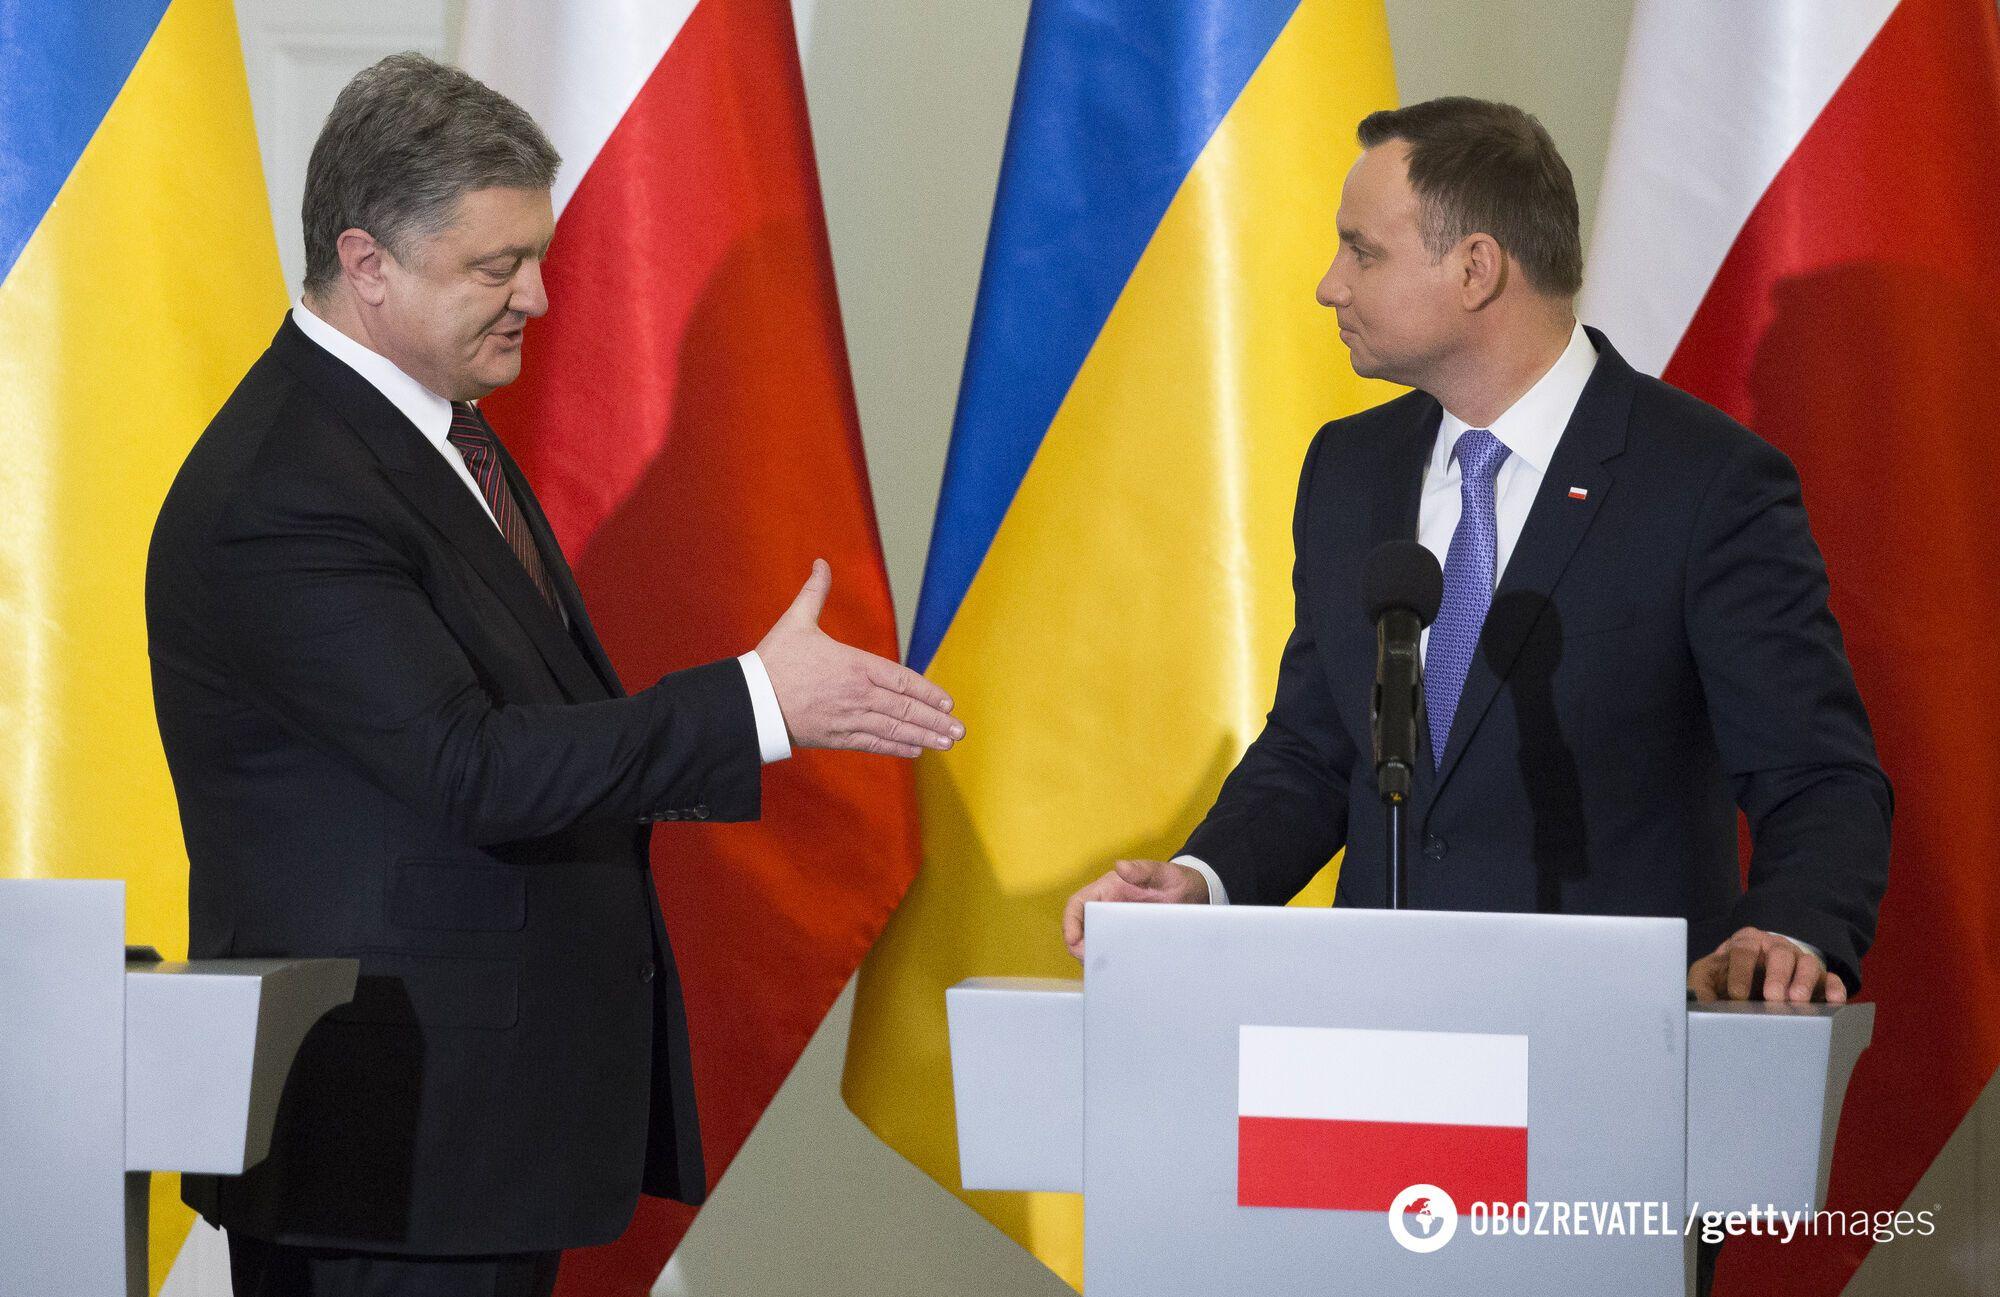 Польша атакует Украину: что опять не так